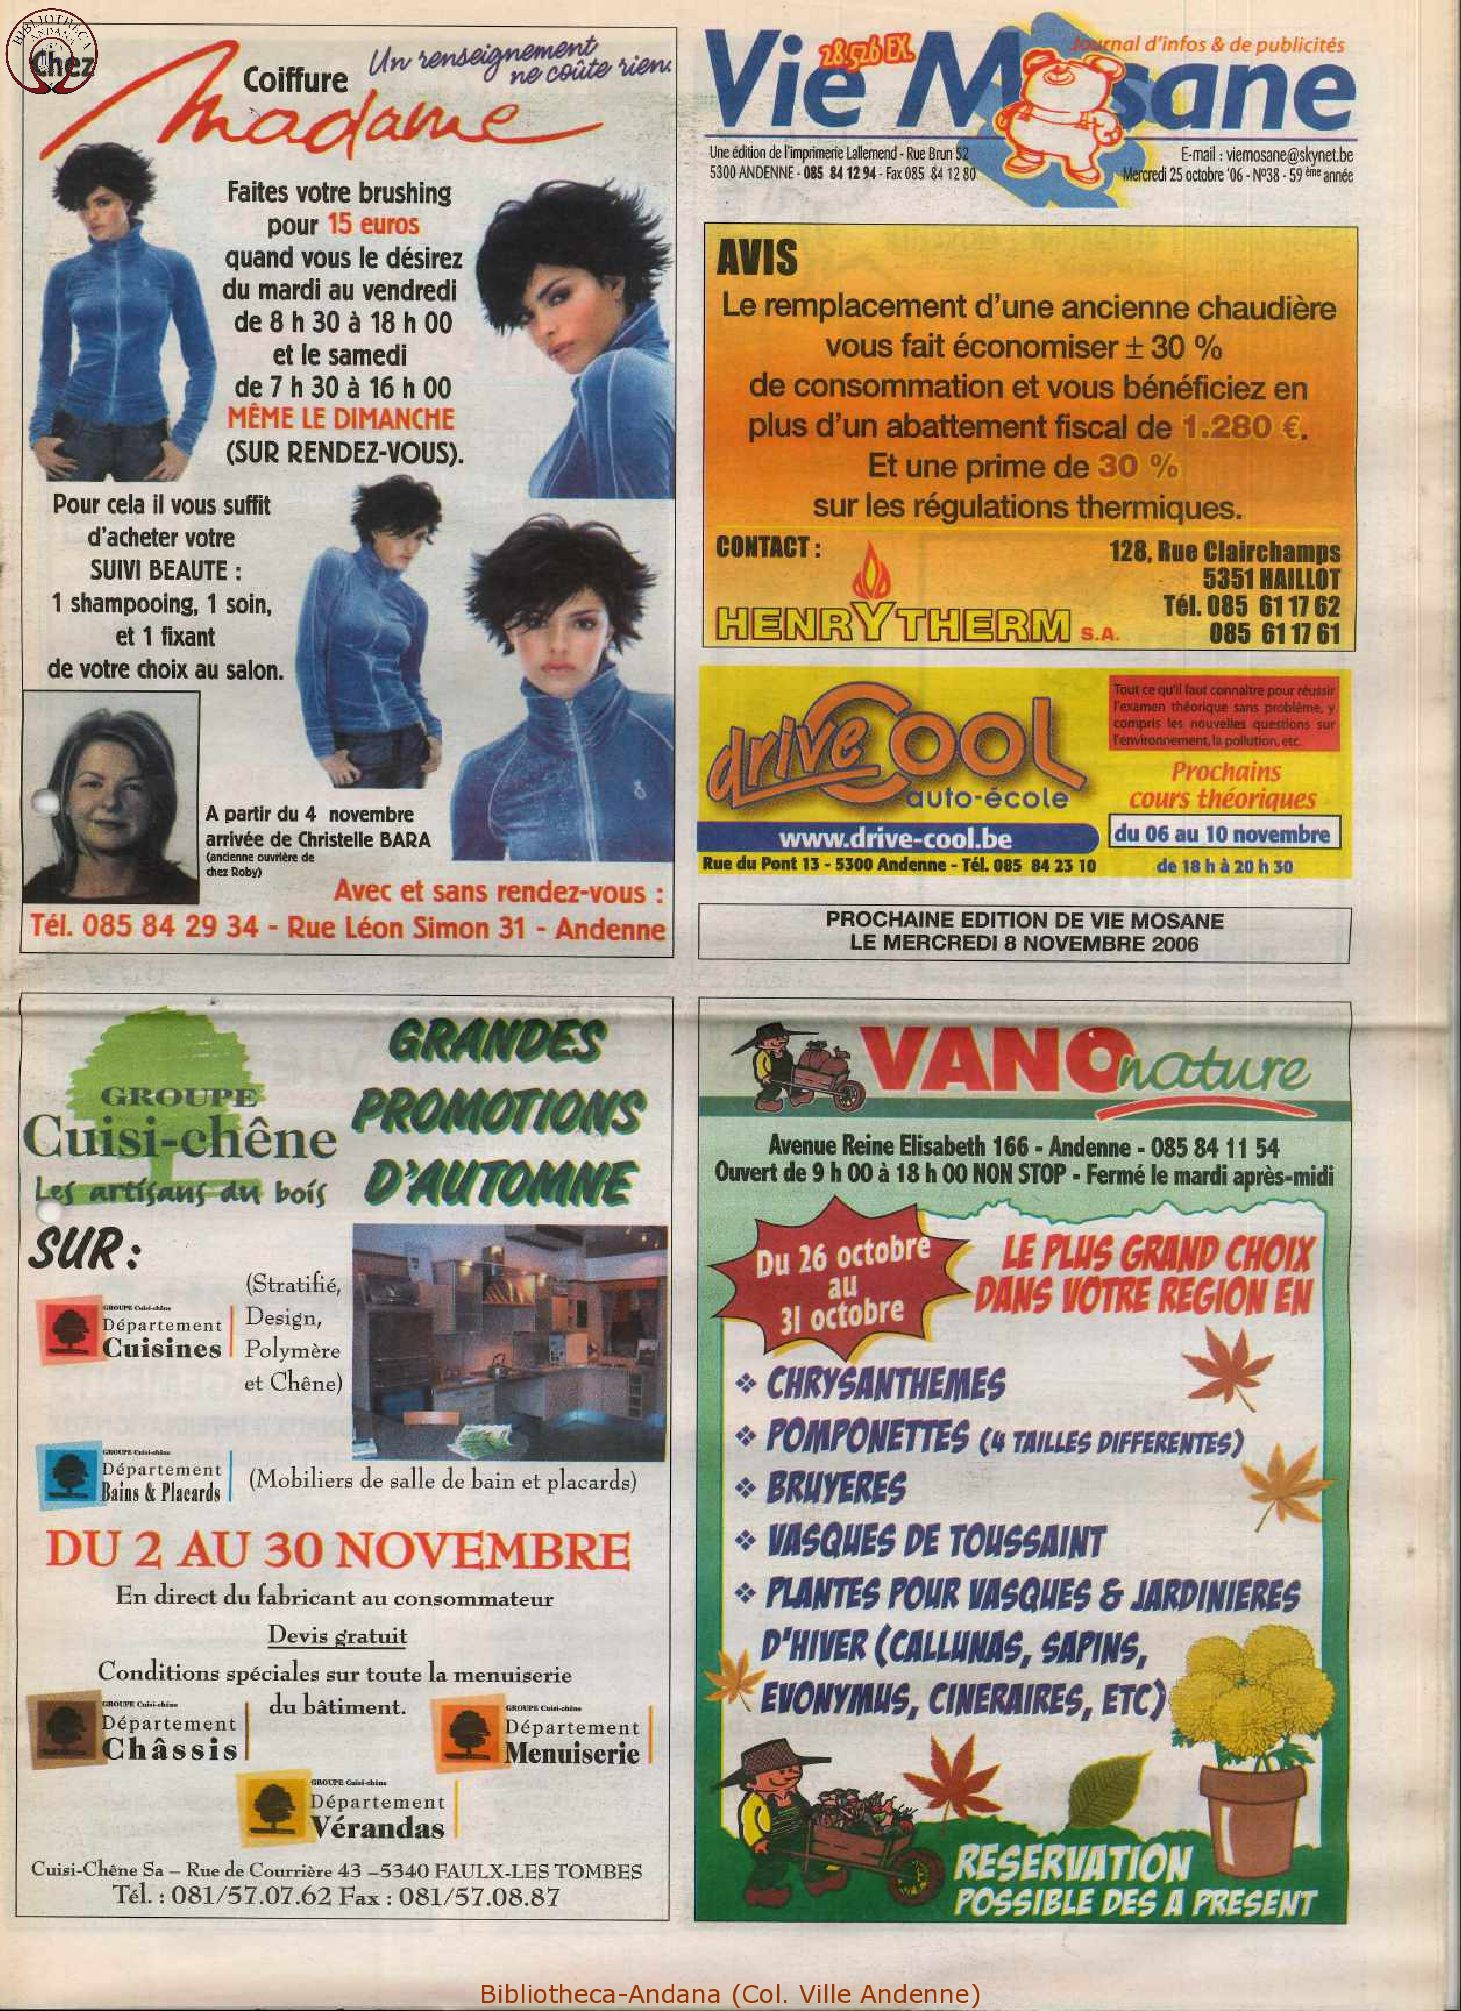 59e année - n°38 - 25 octobre 2006